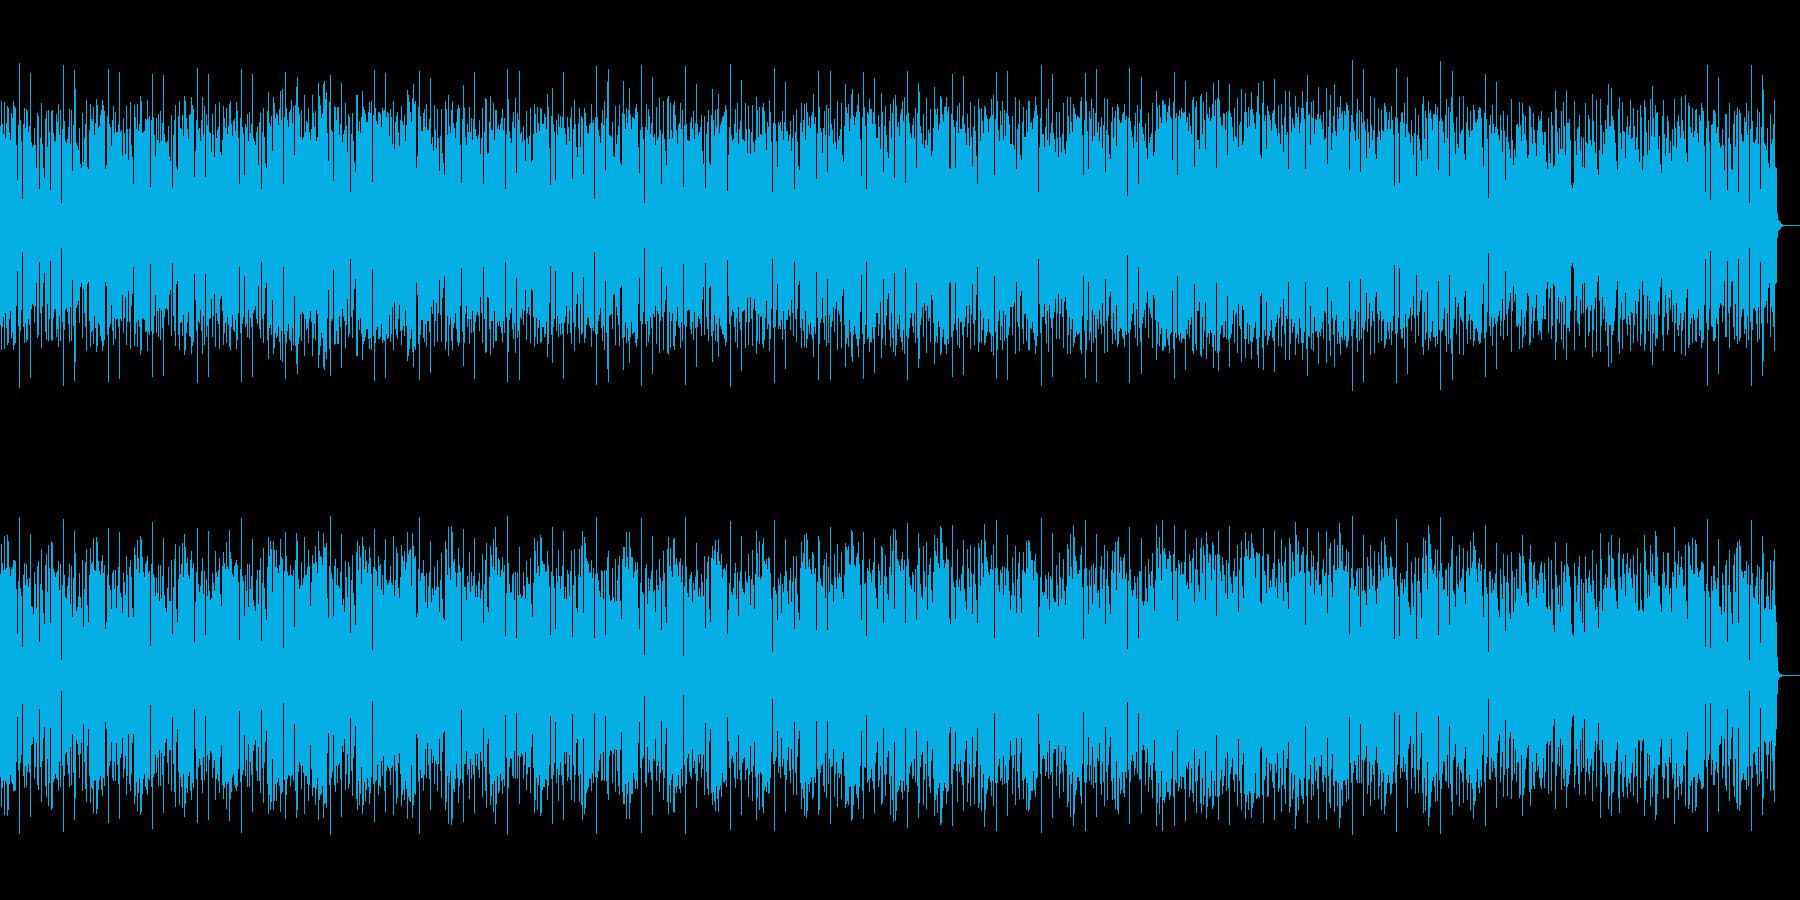 奇妙で幻想的なヒップホップの再生済みの波形